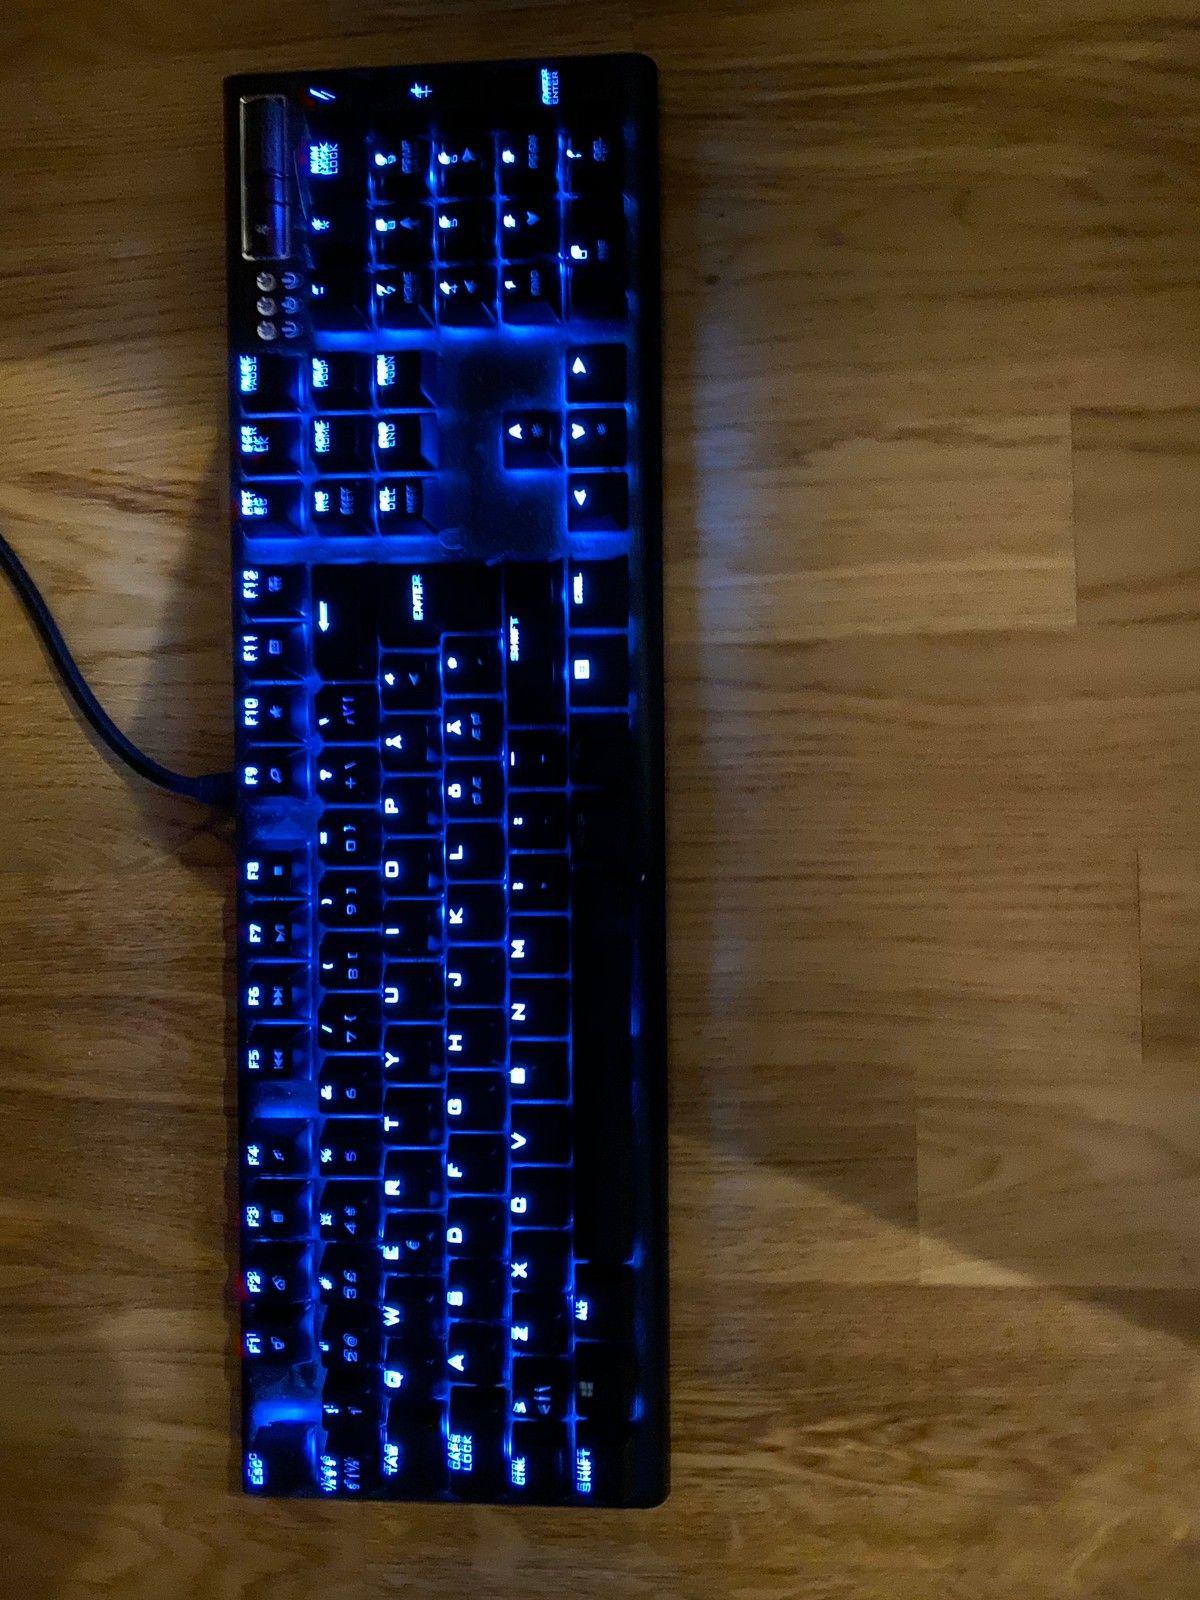 Mekanisk gamingtastatur   FINN.no